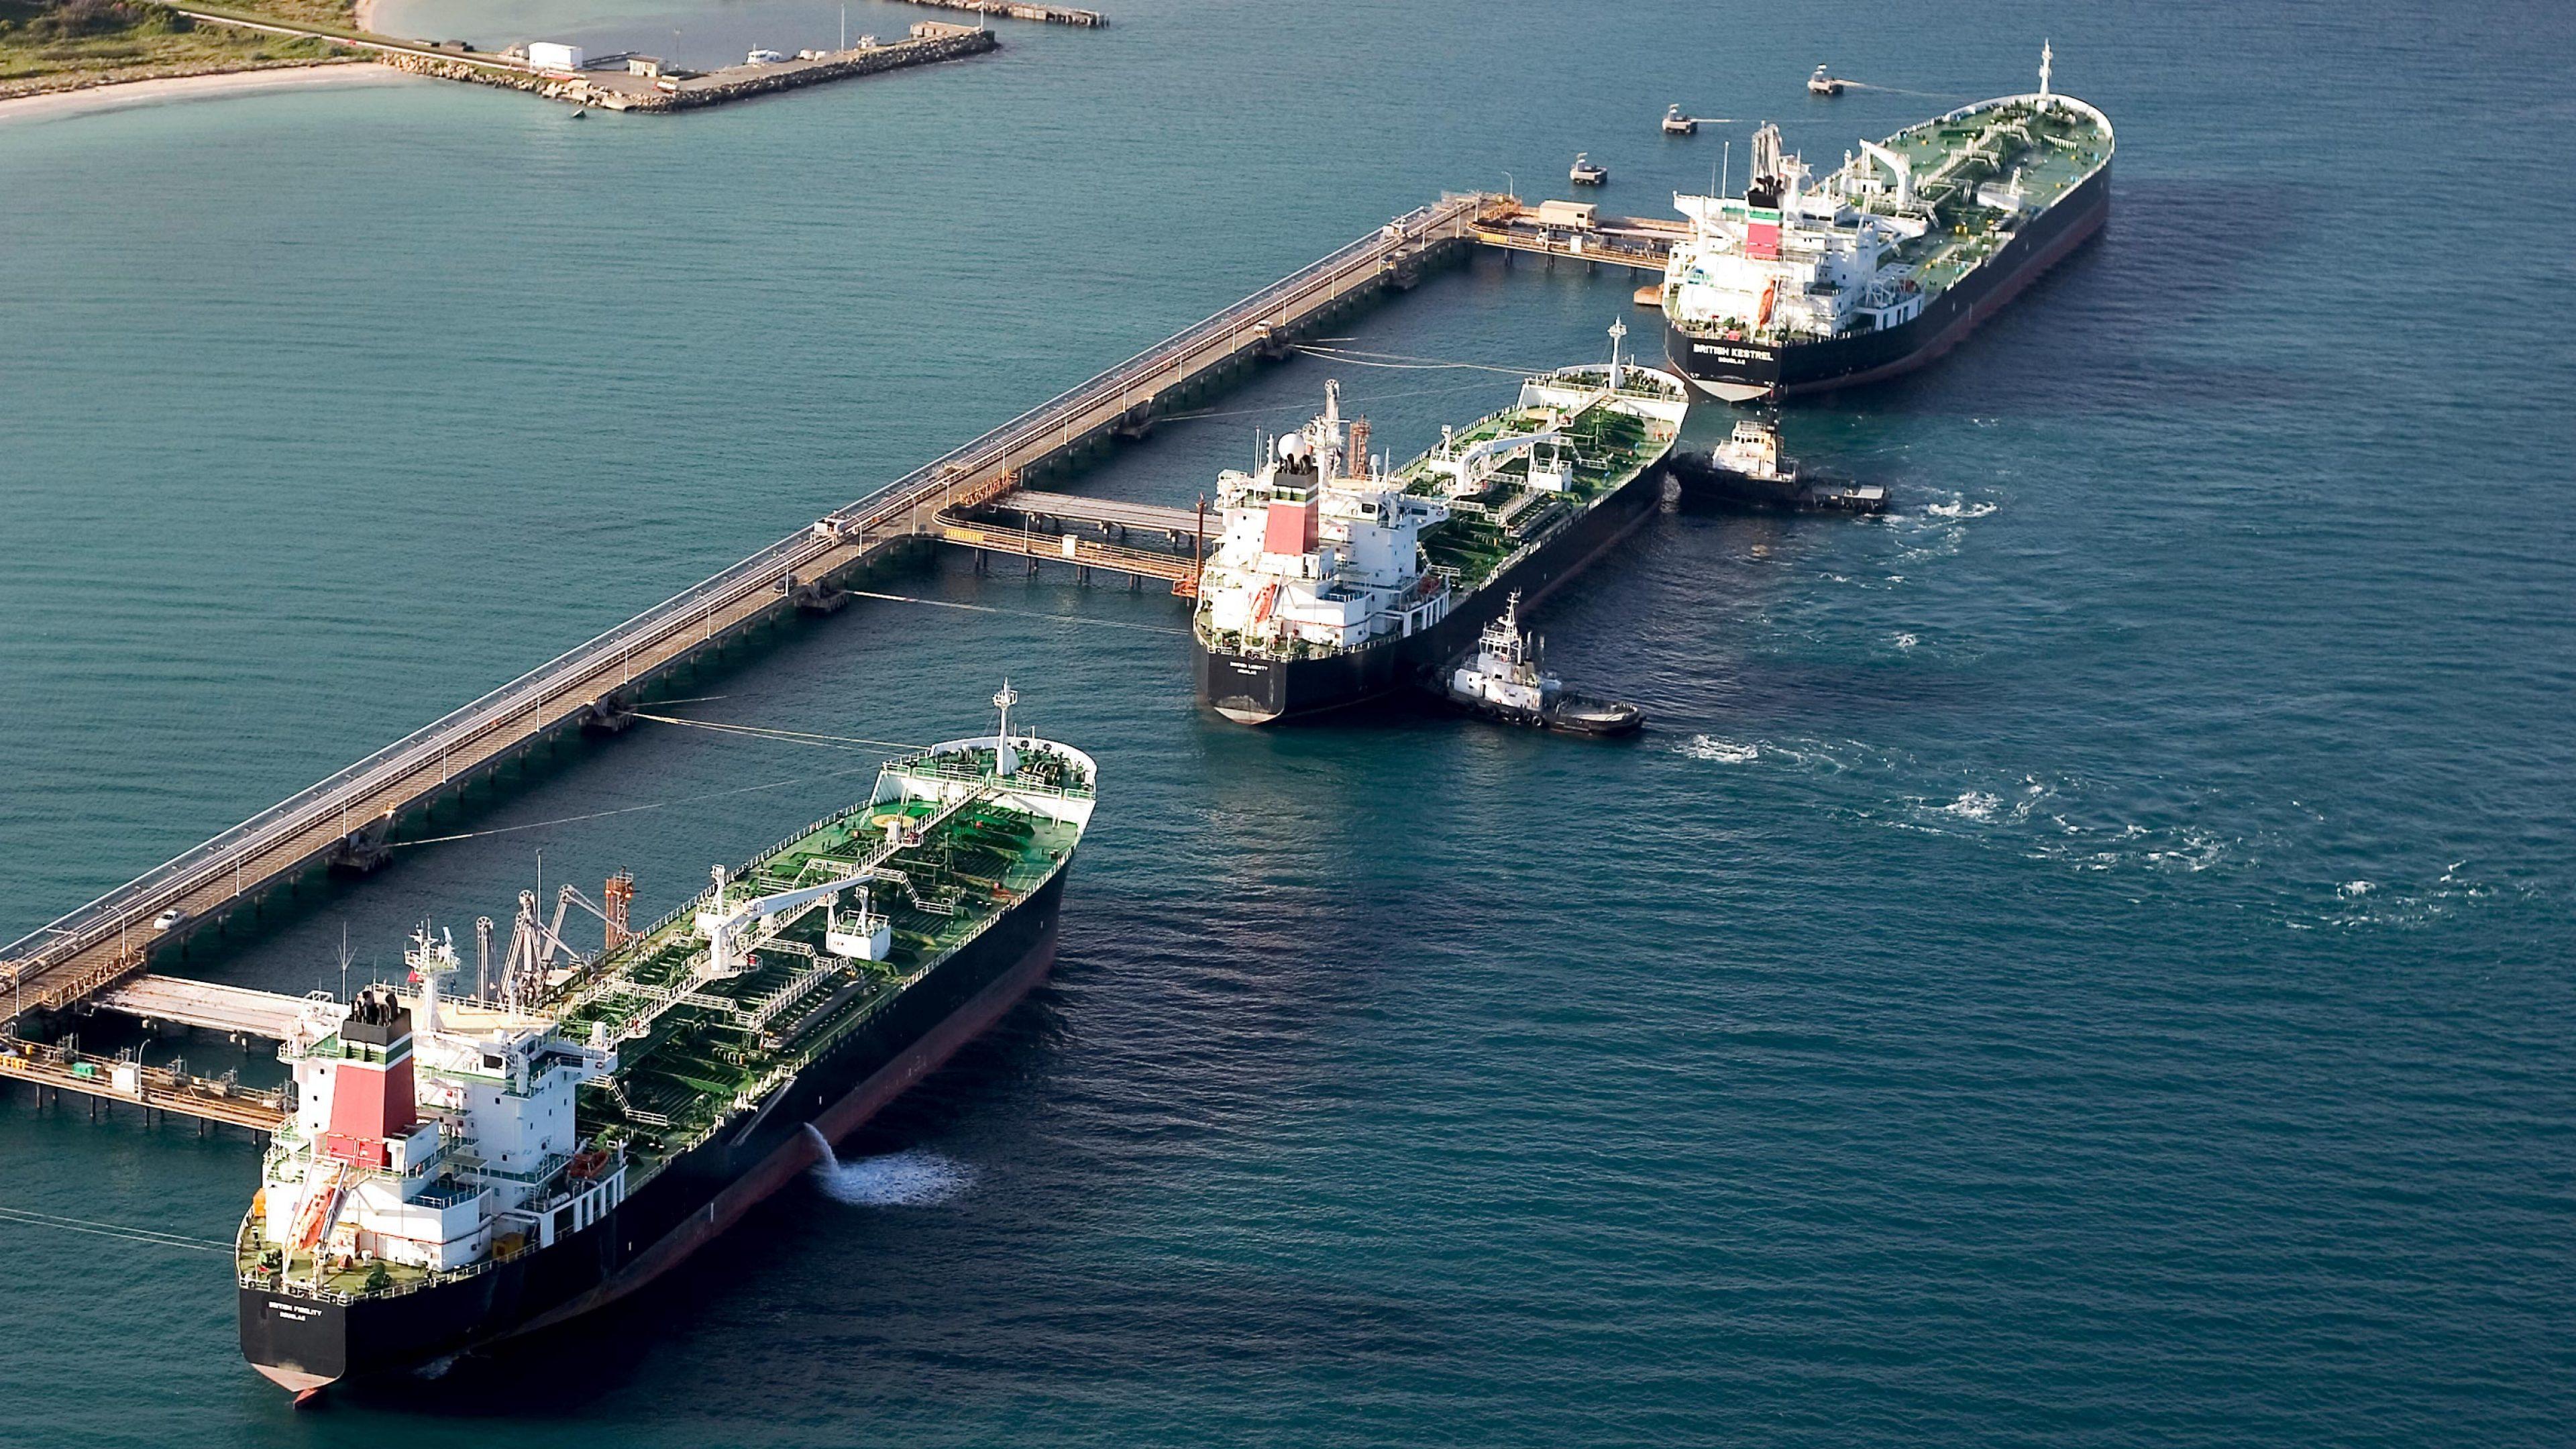 Great Tortue-Ahmeyim : BP fait une estimation de 15 billions de pieds cubes de gaz exploitable